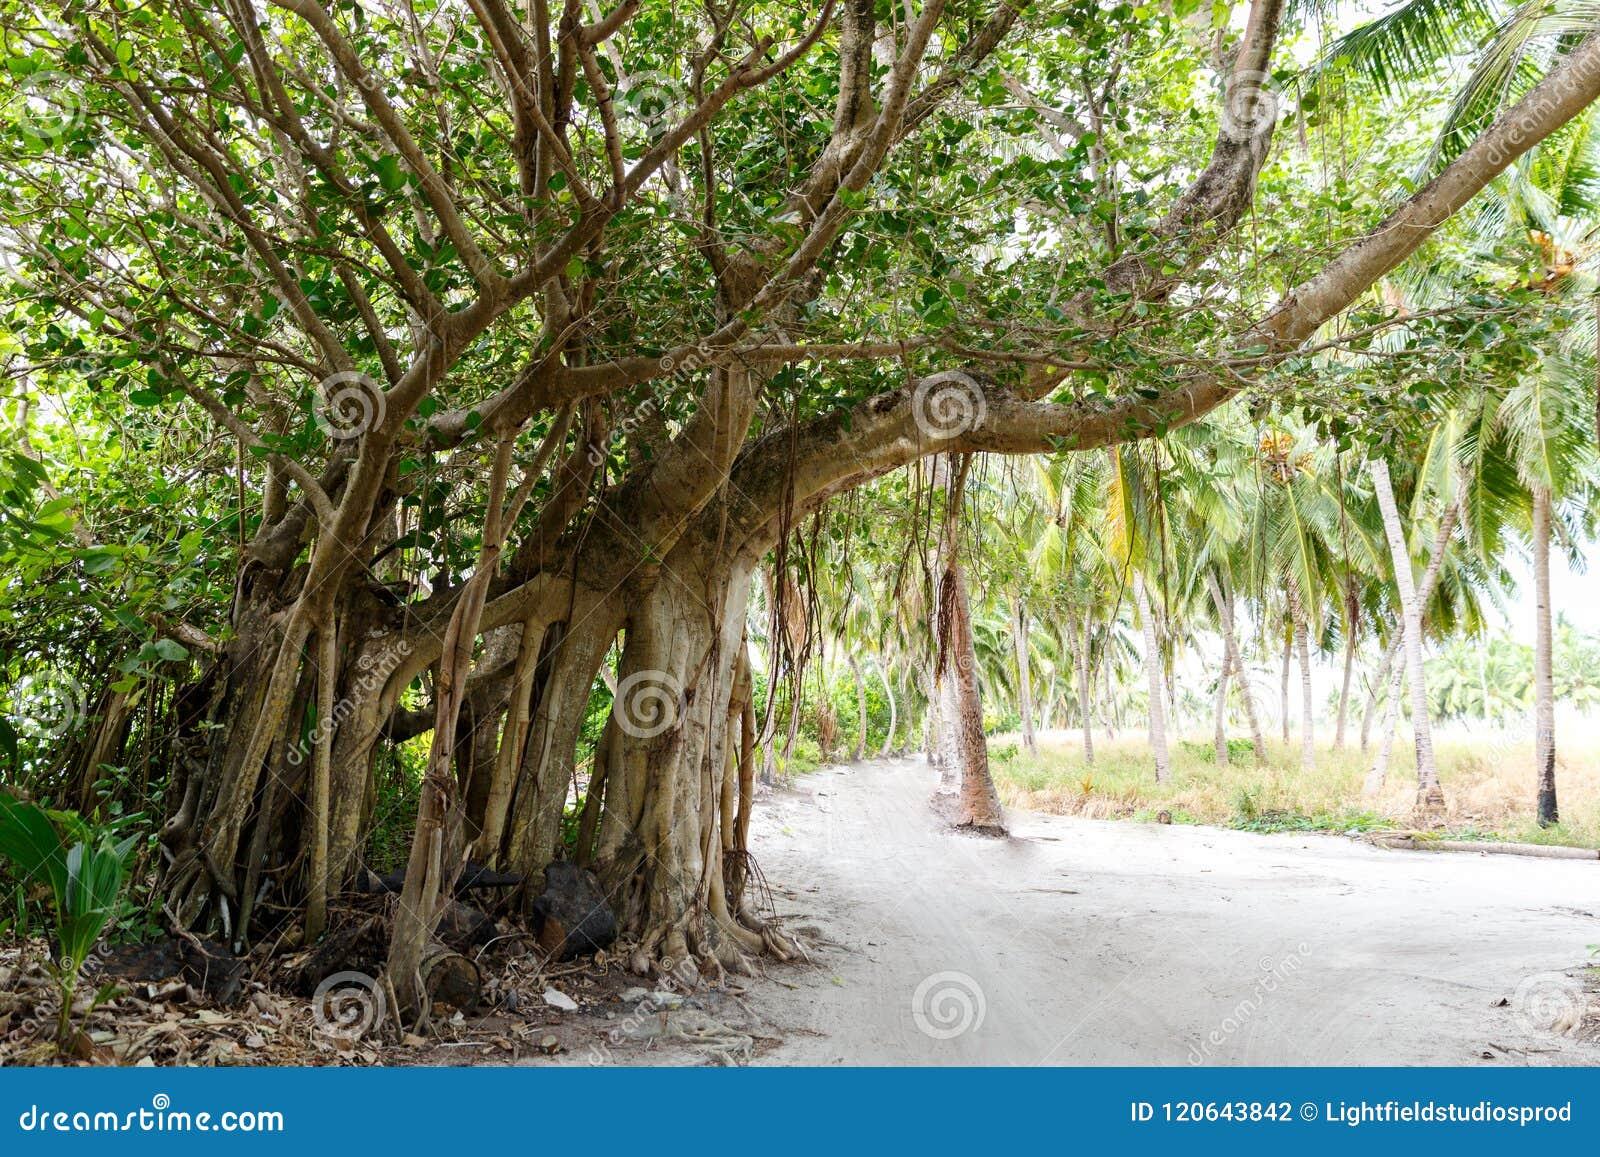 Schöne szenische Ansicht des Weges und der Bäume mit Grün